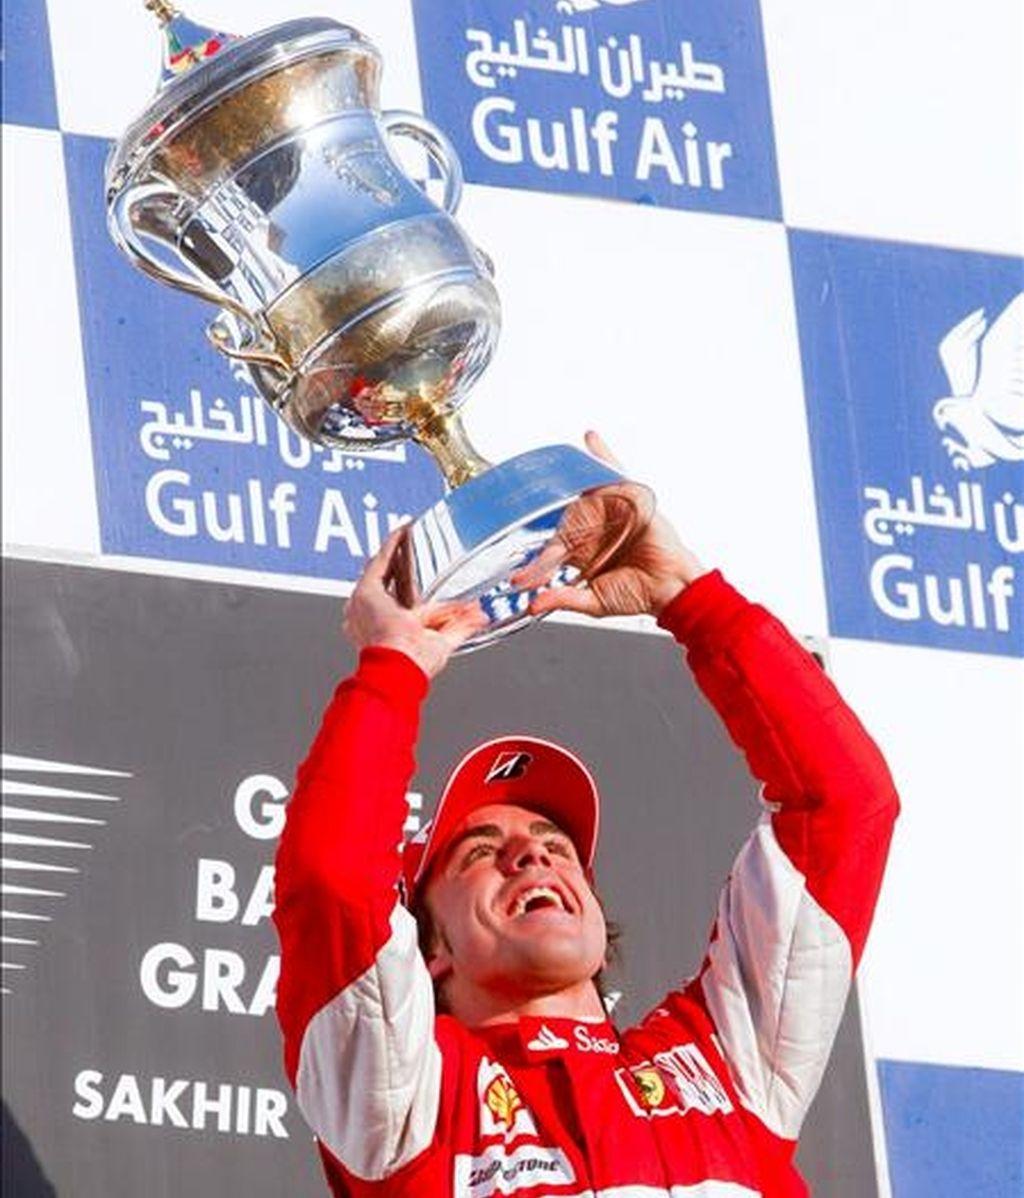 El piloto español de la escudería Ferrari, Fernando Alonso, levanta su trofeo de ganador en el podio del Gran Premio de Bahrein hoy en el Circuito Internacional de Bahrein en Sakhir. EFE